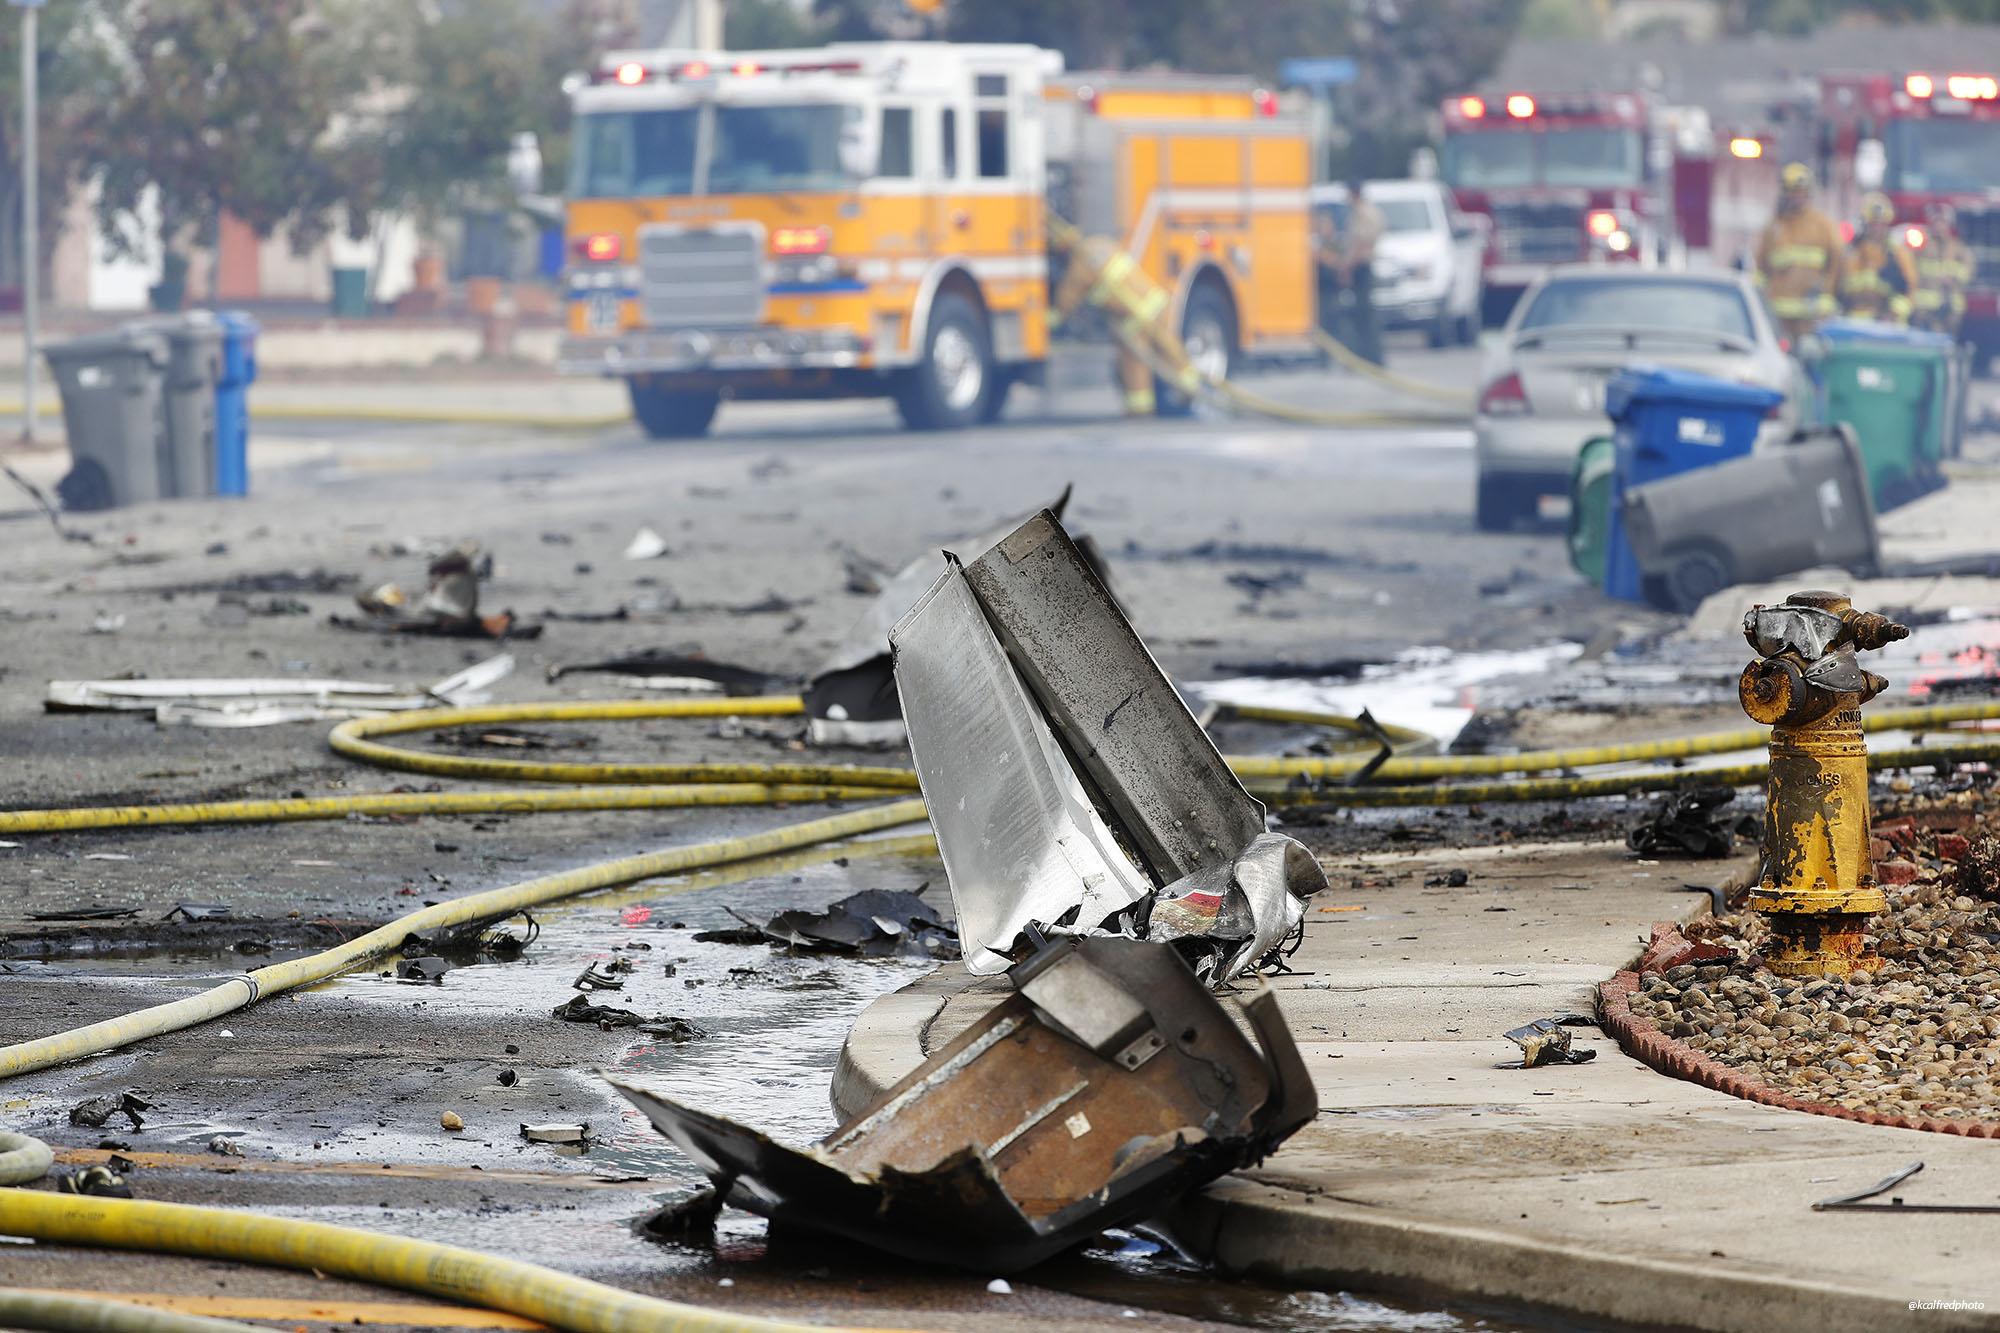 Погибшие люди и уничтоженные дома: что известно о крушении самолета в США - фото 4